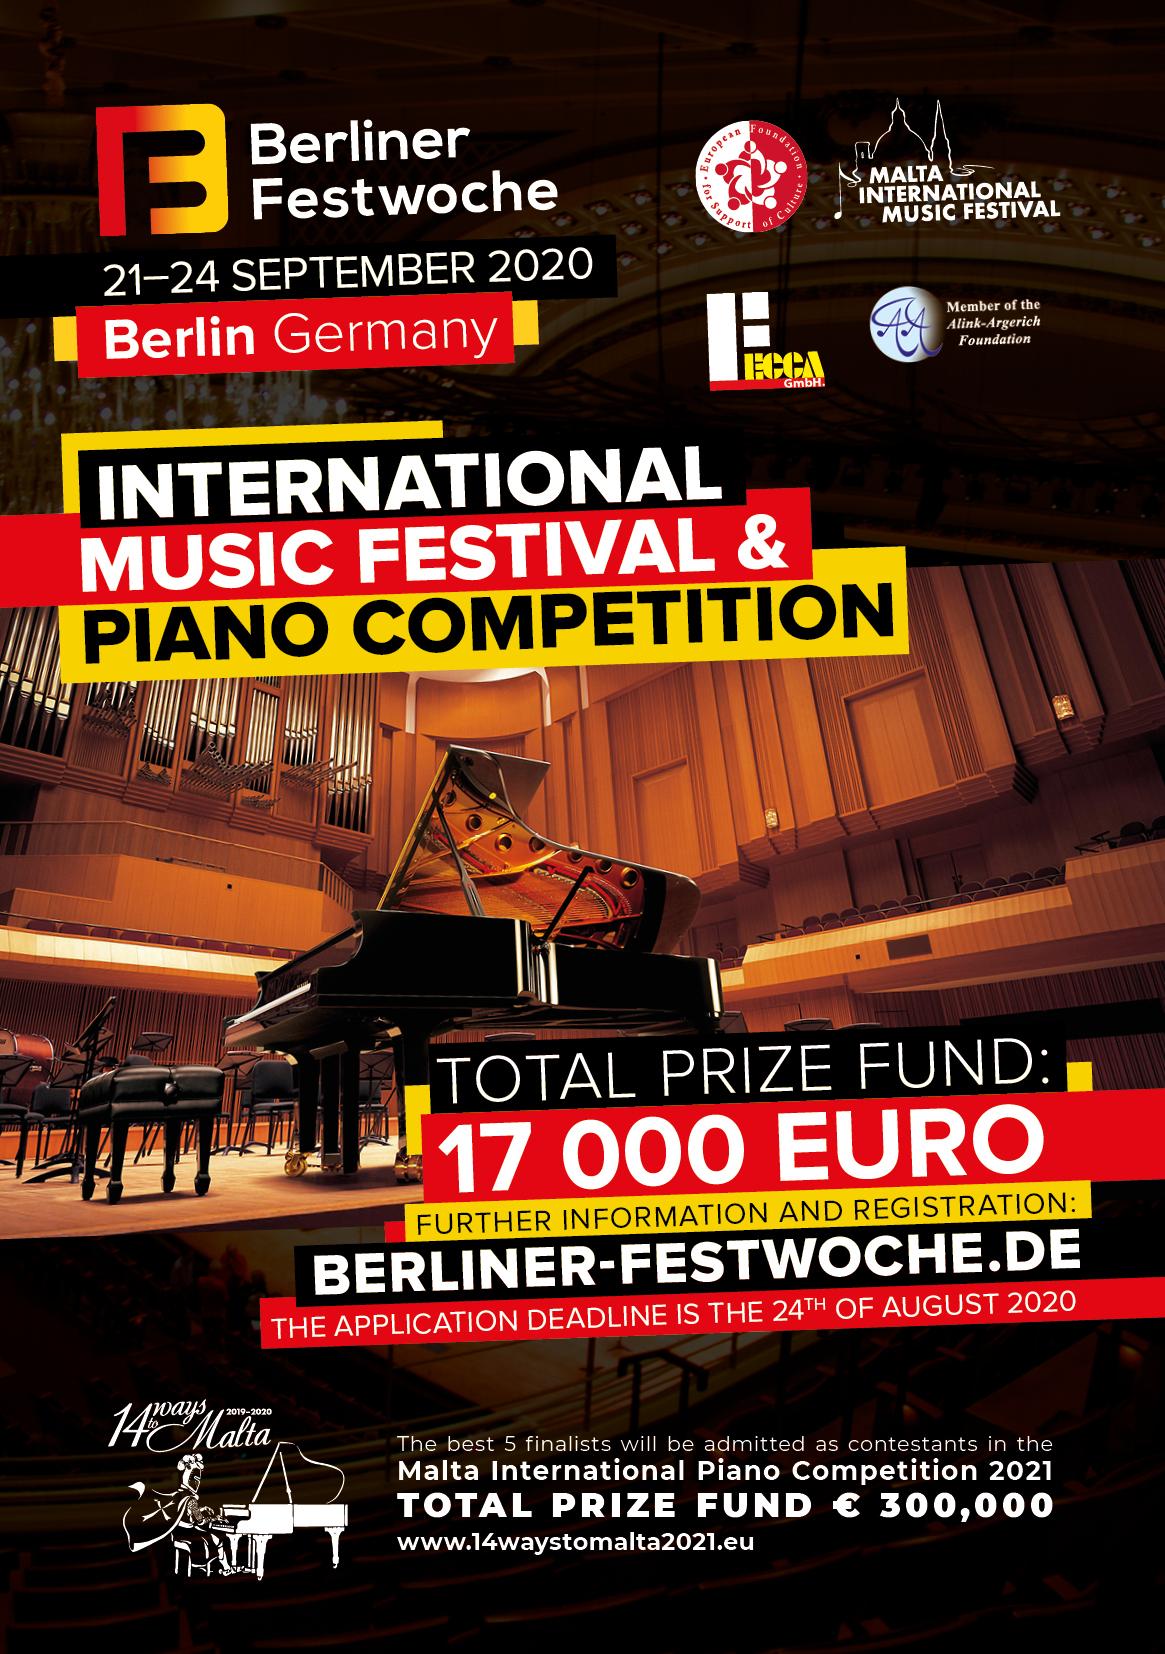 Berliner_Festwoche-2020